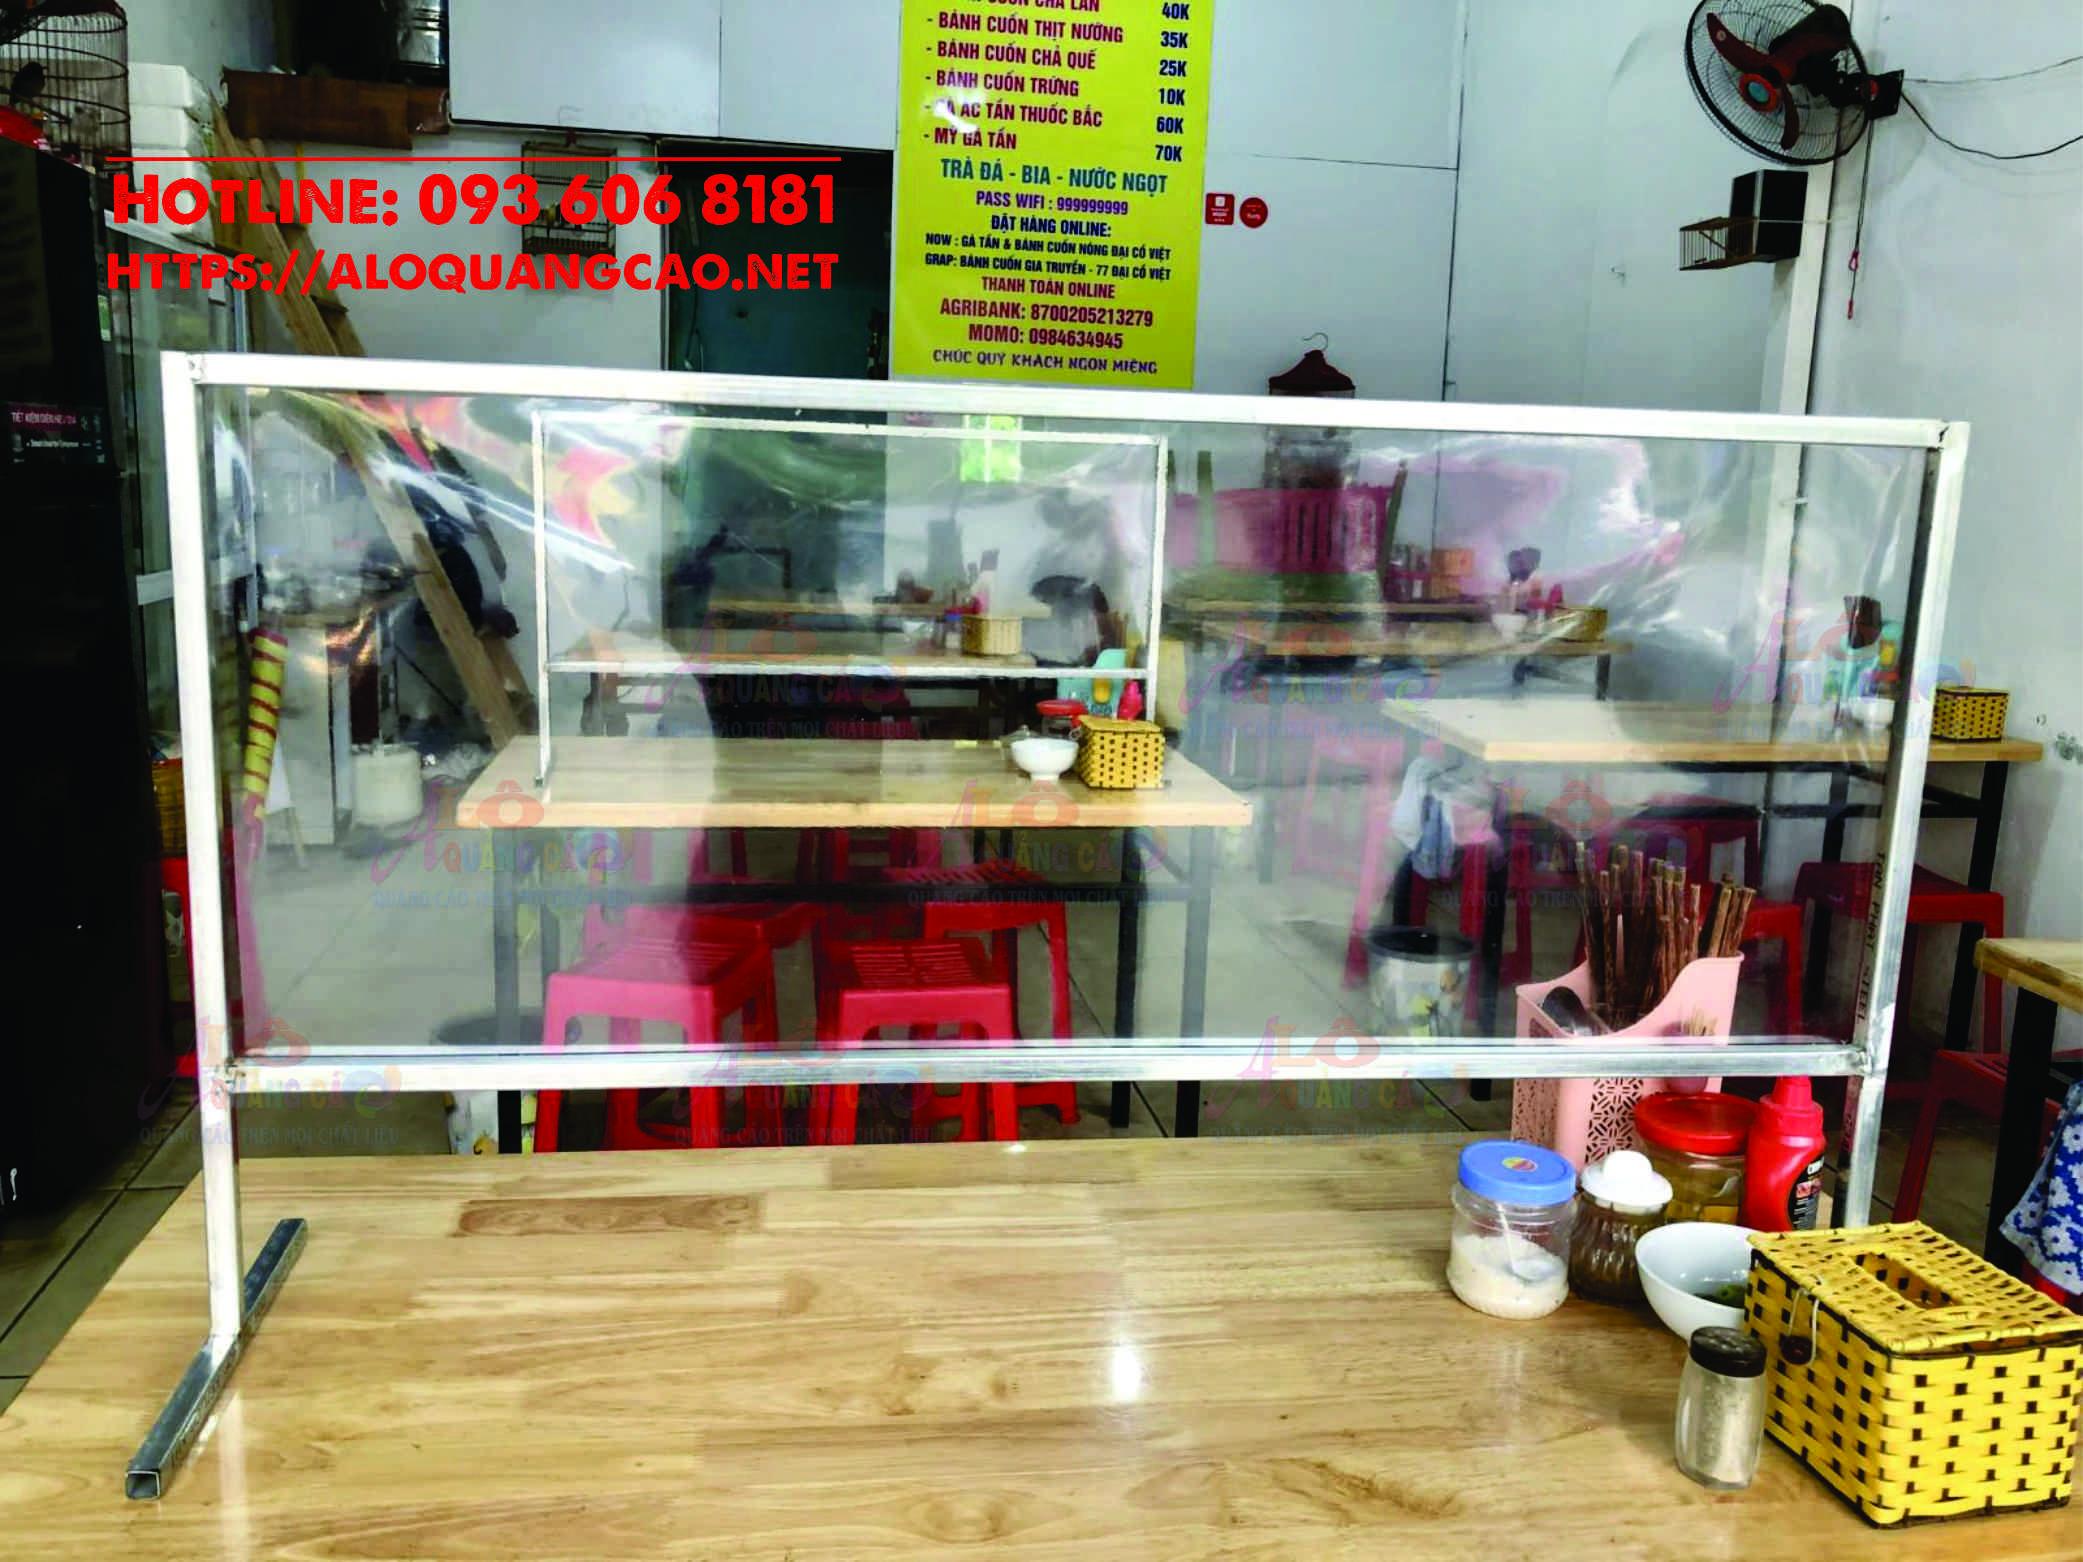 Vách ngăn mica trong chống dịch quán ăn tại Quận 1